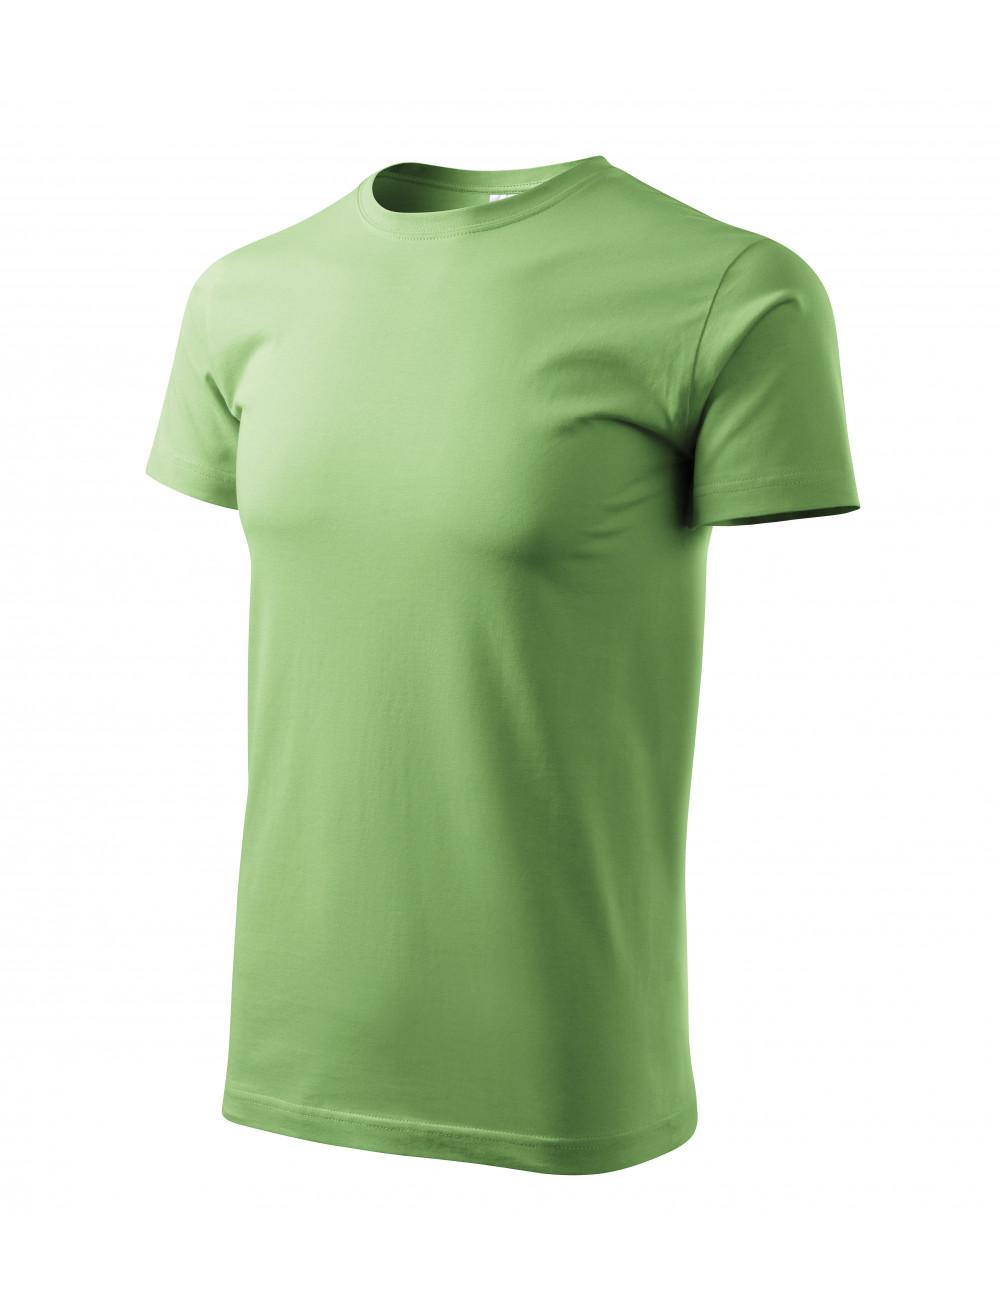 Adler MALFINI Koszulka męska Basic 129 groszkowy